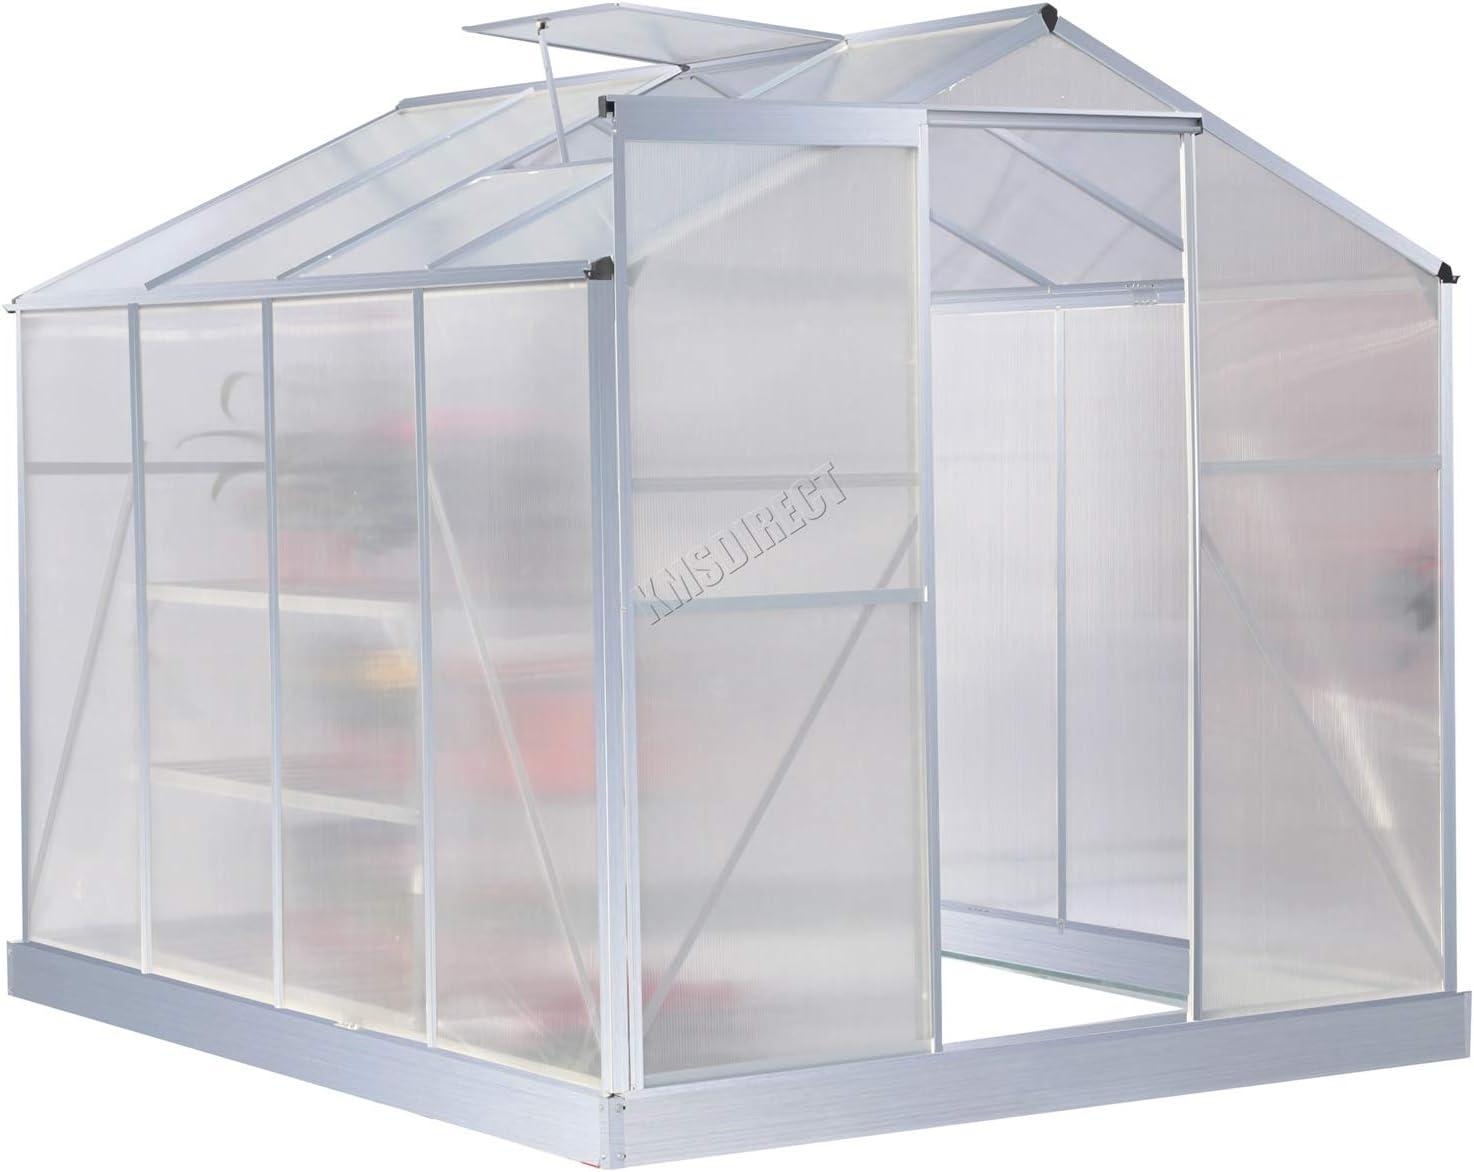 FoxHunter para invernaderos policarbonato transparente estructura de aluminio con Foundation Base y para puerta Slide plateado 8 x 182, 88 cm: Amazon.es: Jardín